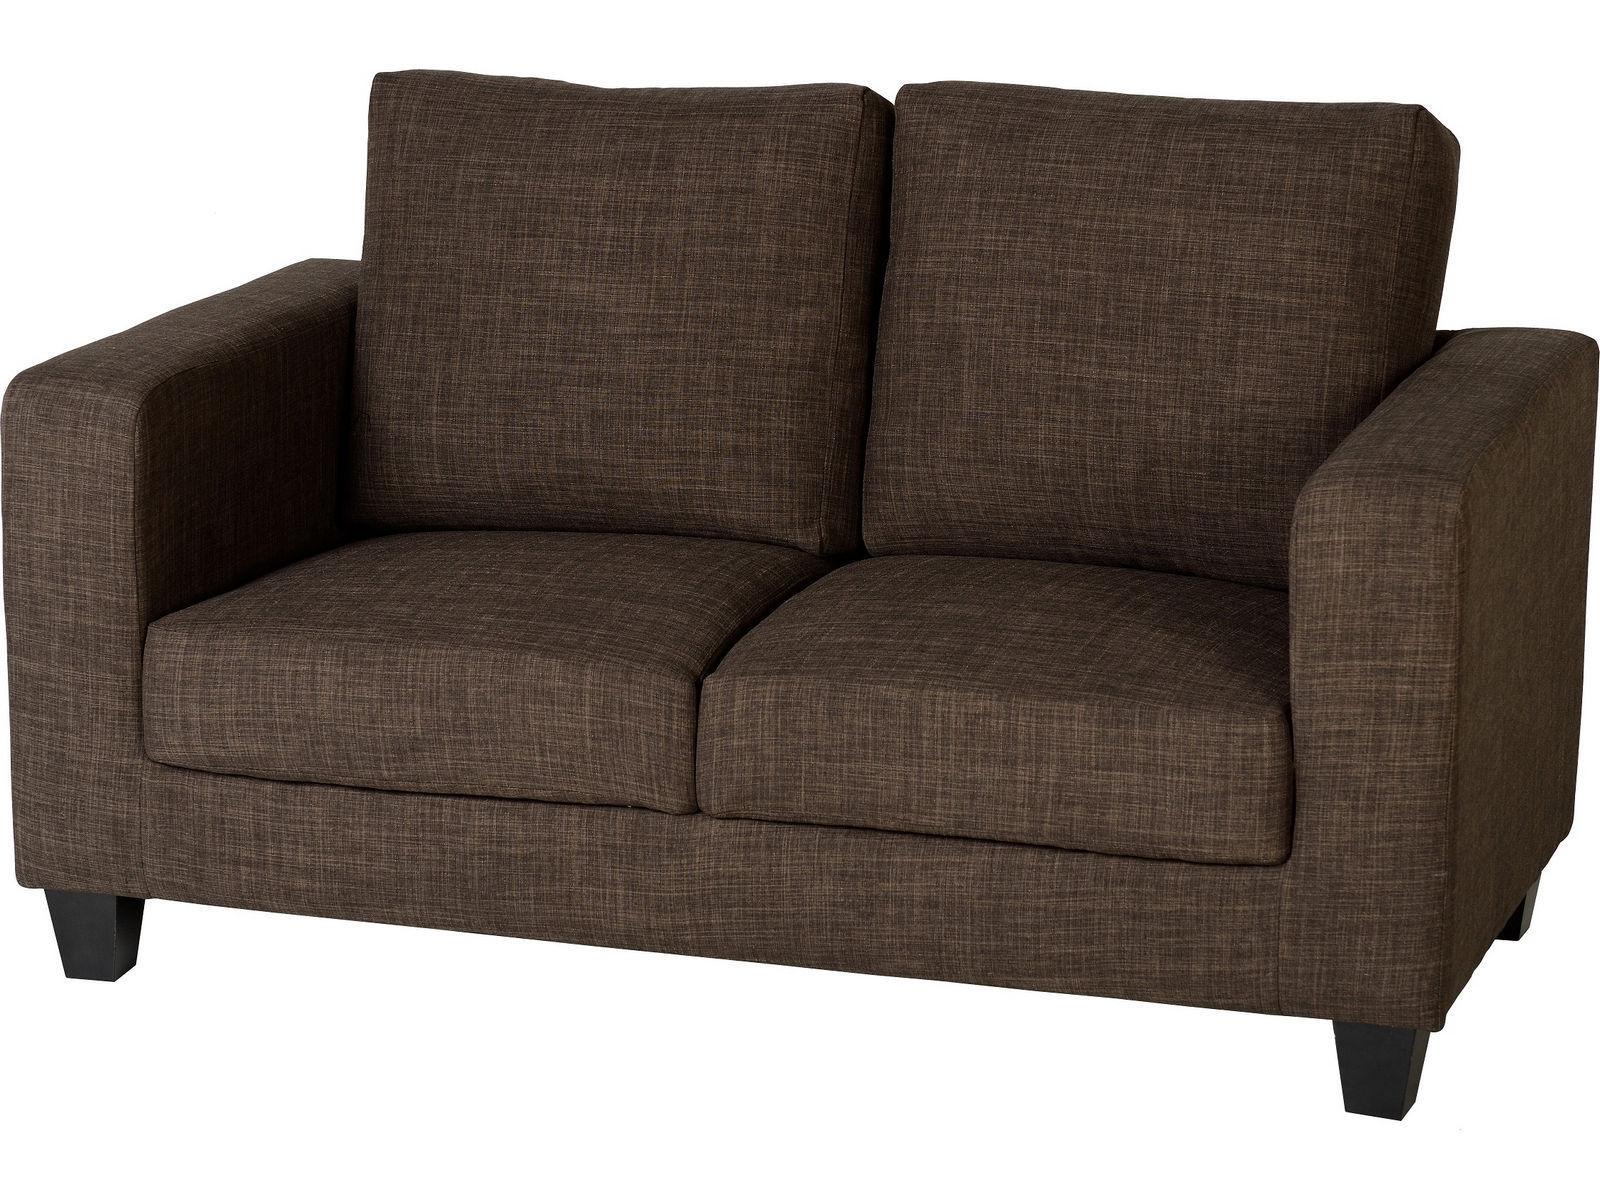 Seconique Tempo 2 Seater Sofa in a Box Dark Brown Fabric Settee